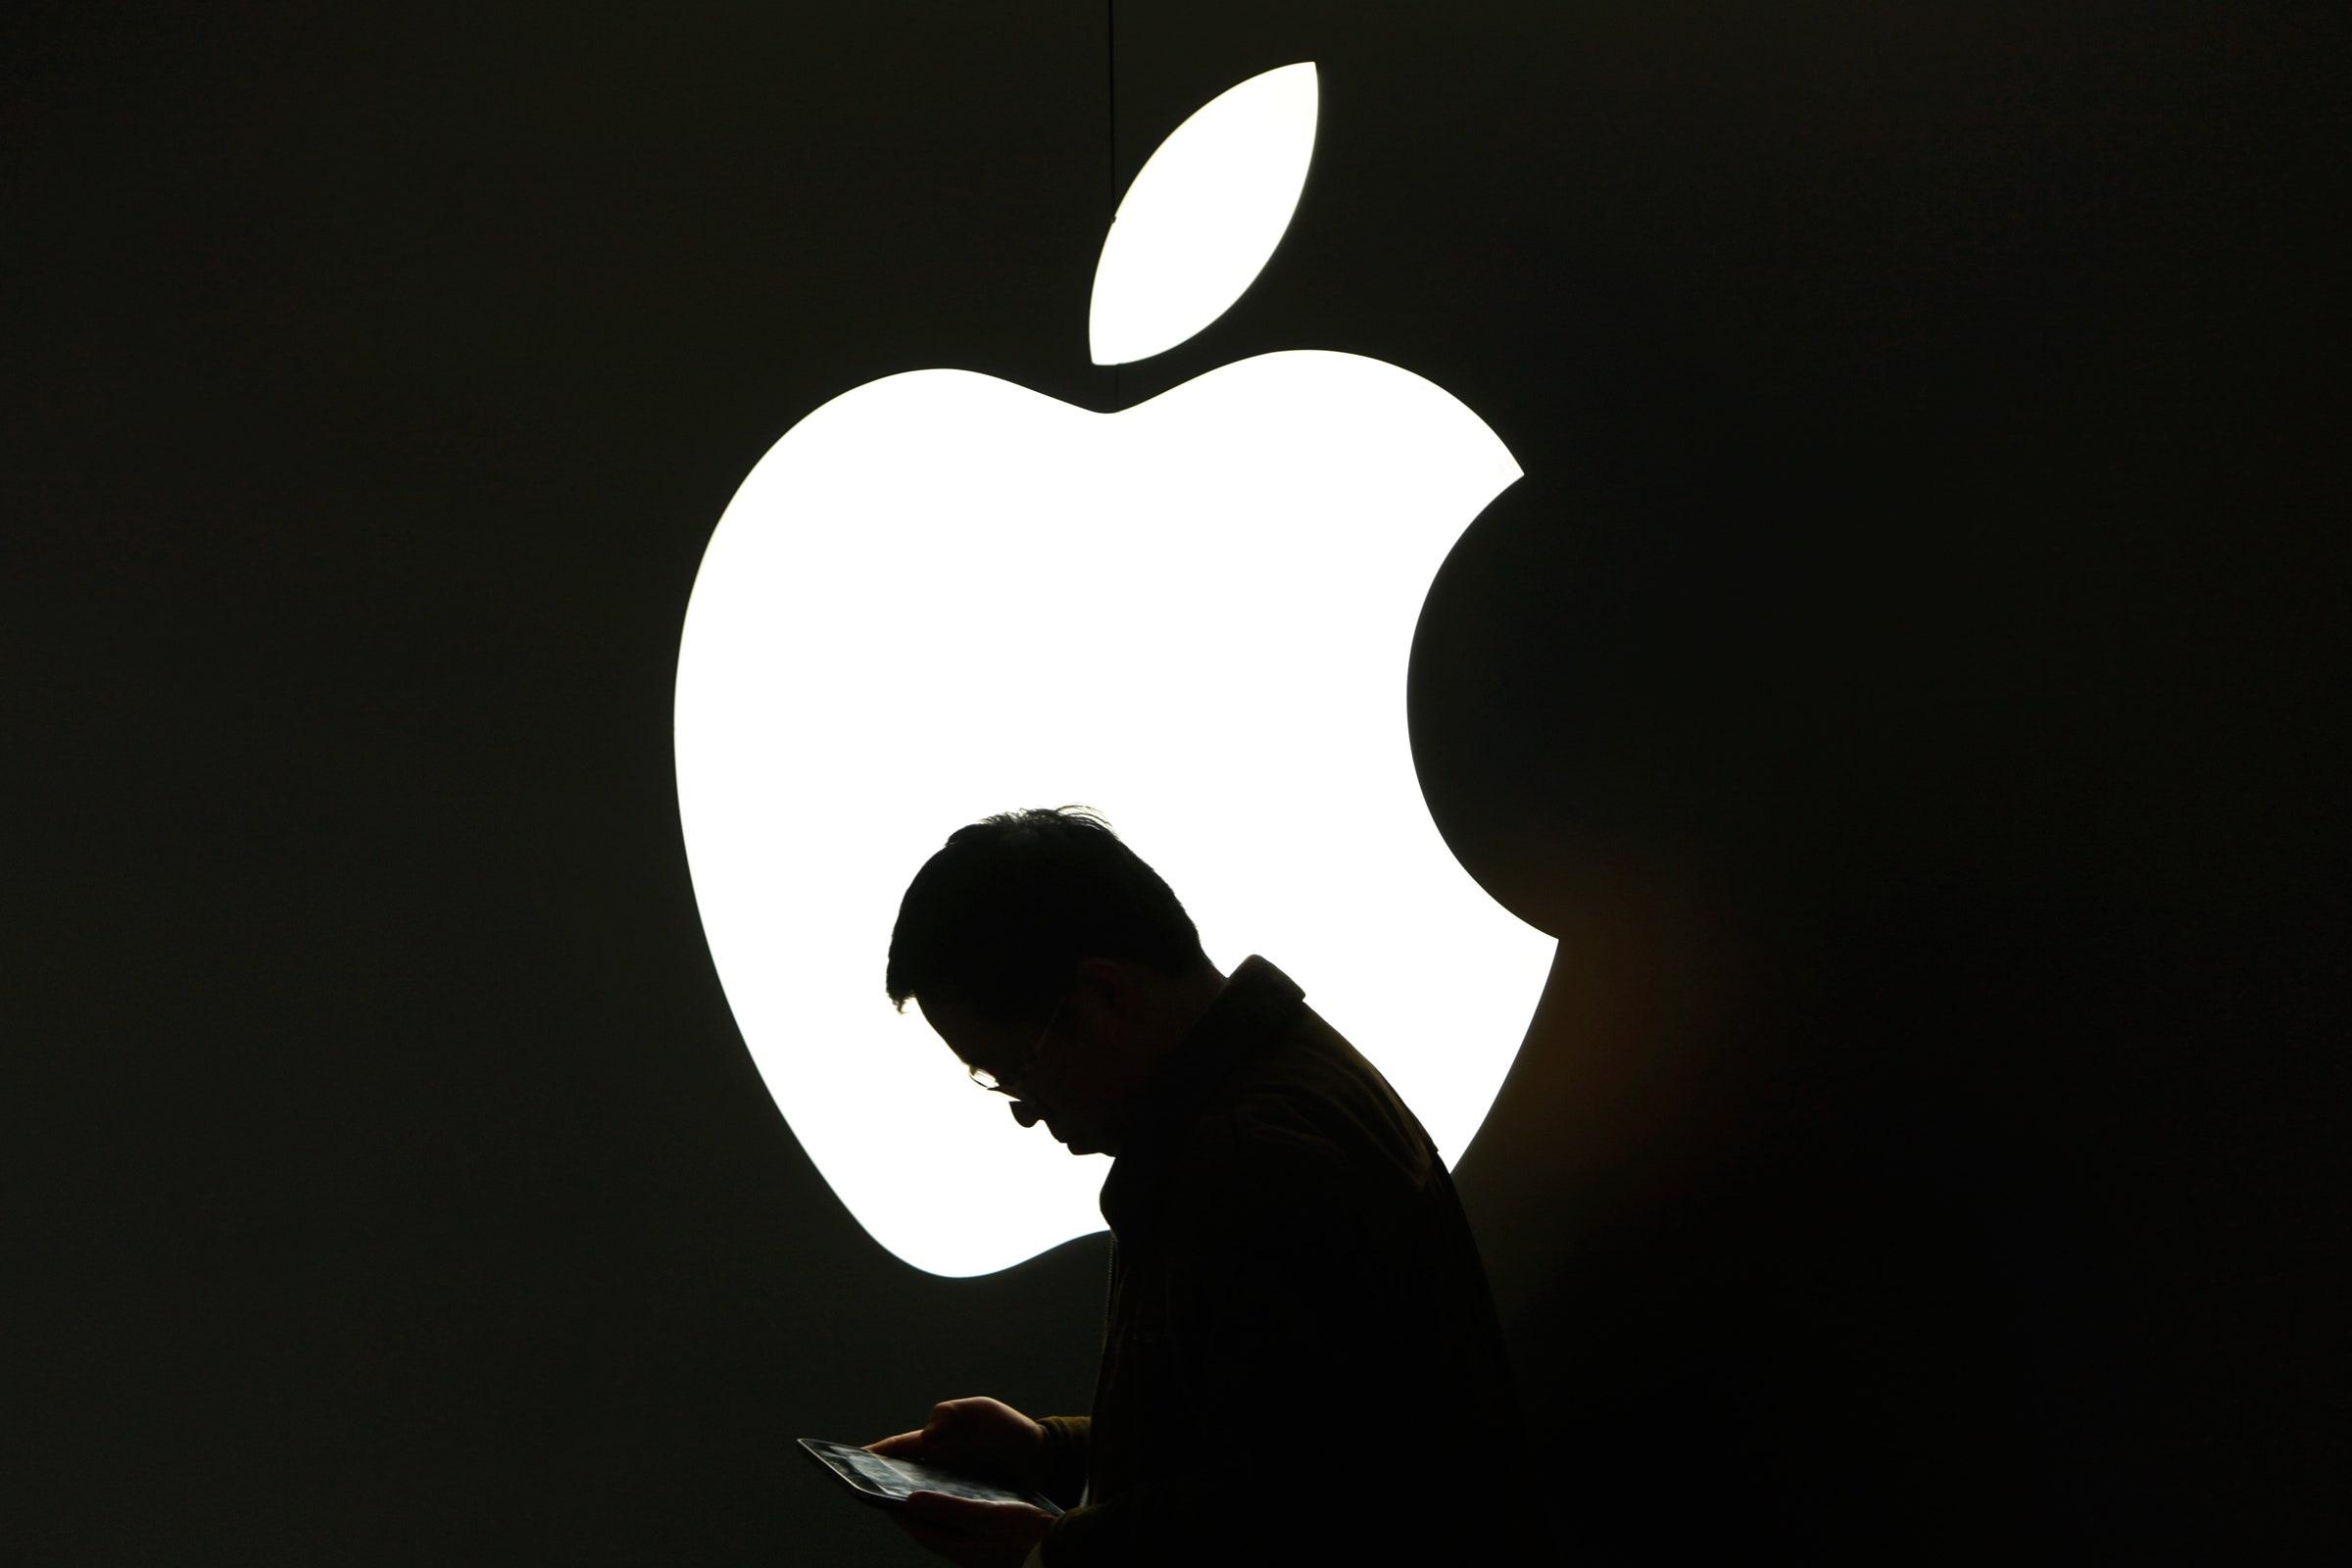 ФАС: Apple должна удалить правило App Store, позволяющее ...